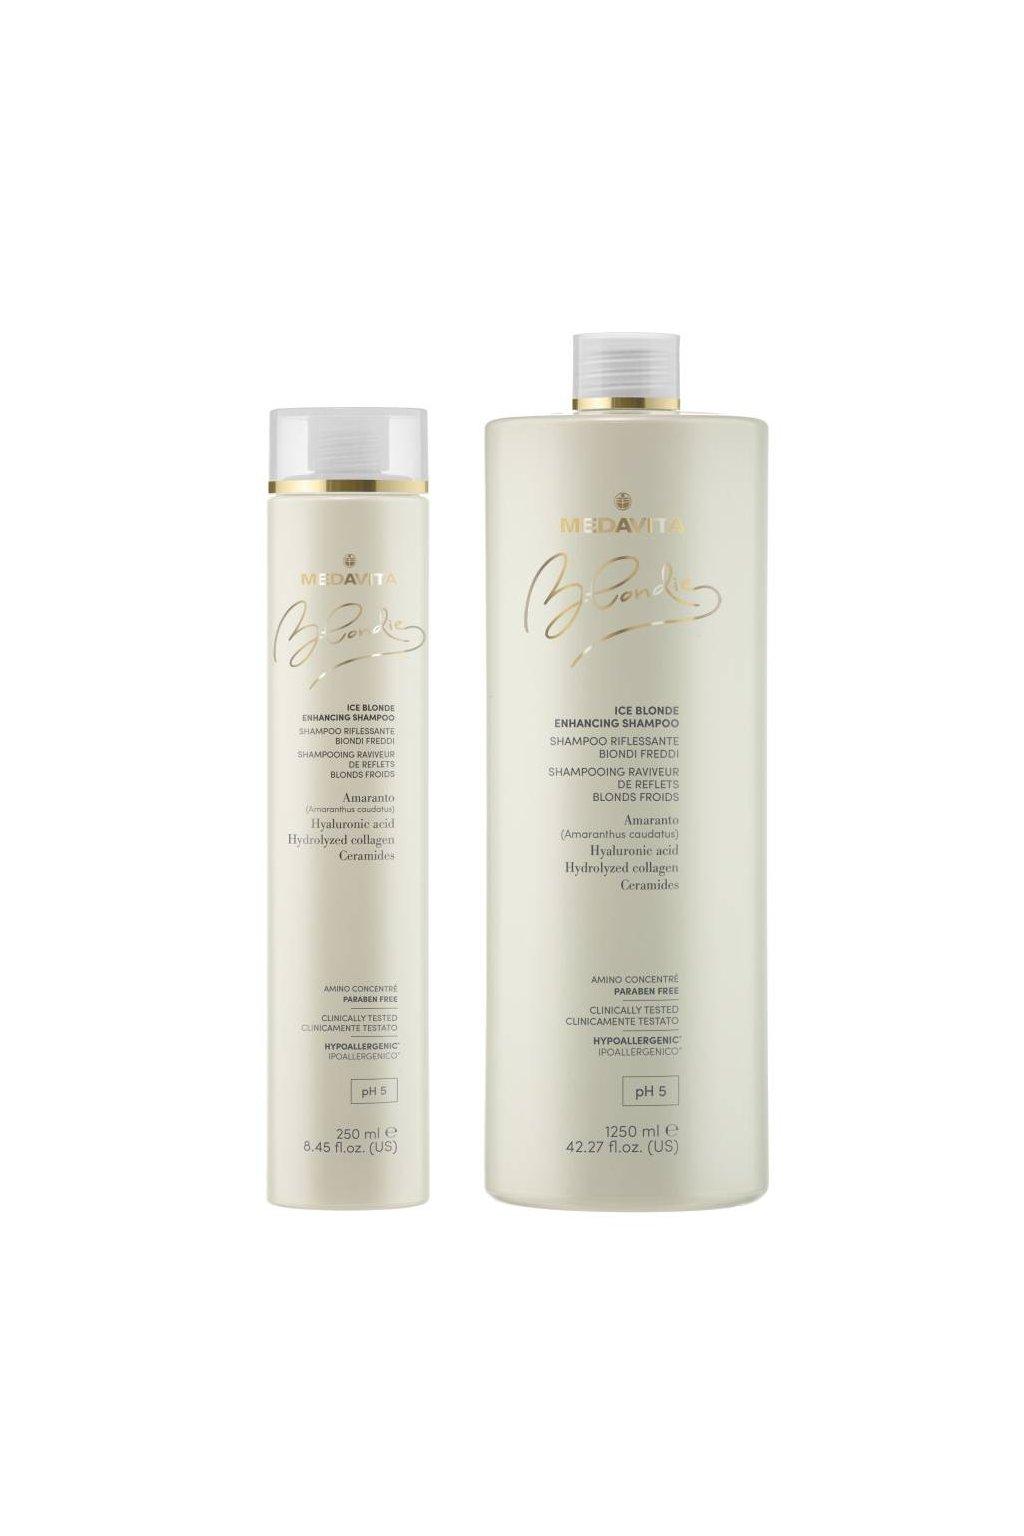 Medavita BLONDIE ICE Šampon s pigmenty pro studené blond odstíny